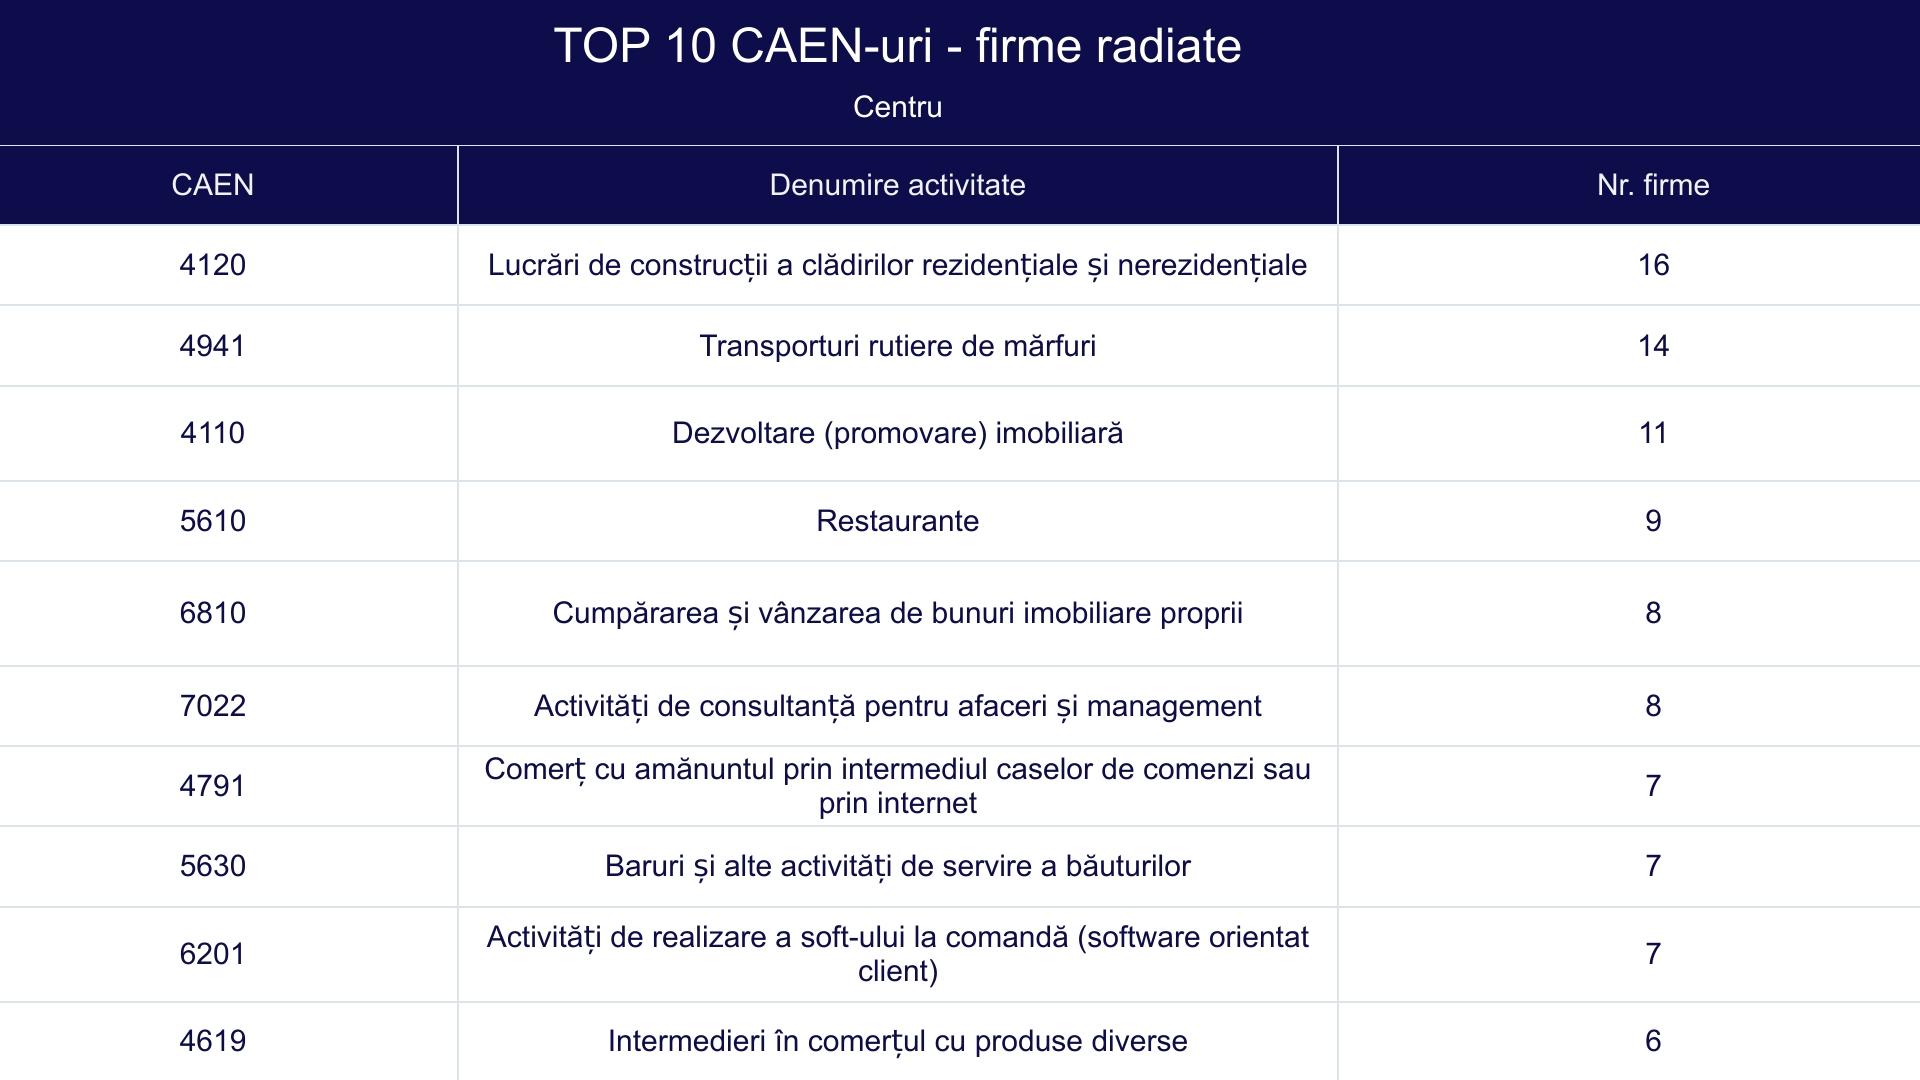 TOP 10 CAEN-uri - firme radiate -Centru